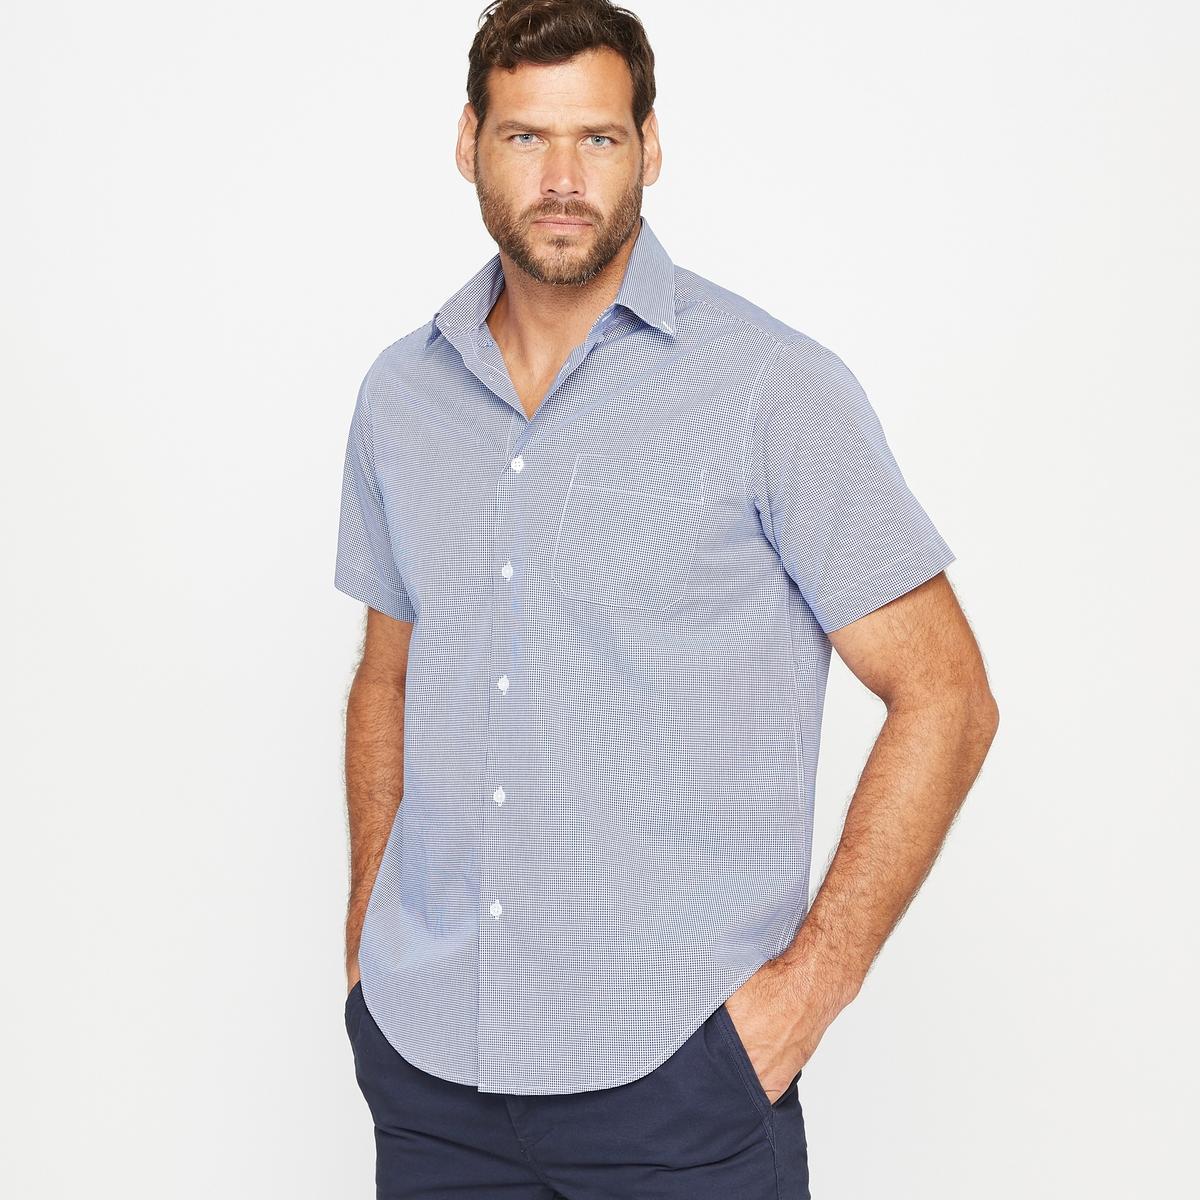 Рубашка, рост 1 и 2 (до 187 см)Материал : поплин из 100% хлопка.Рост 1 и 2  : Длина передней части от 80 до 87 см в зависимости от размера.Марка : CASTALUNA FOR MEN.Уход : Машинная стирка при 30 °C.<br><br>Цвет: в полоску белый/синий,наб. рисунок темно-синий,наб.рисунок/антрацит<br>Размер: 53/54.45/46.43/44